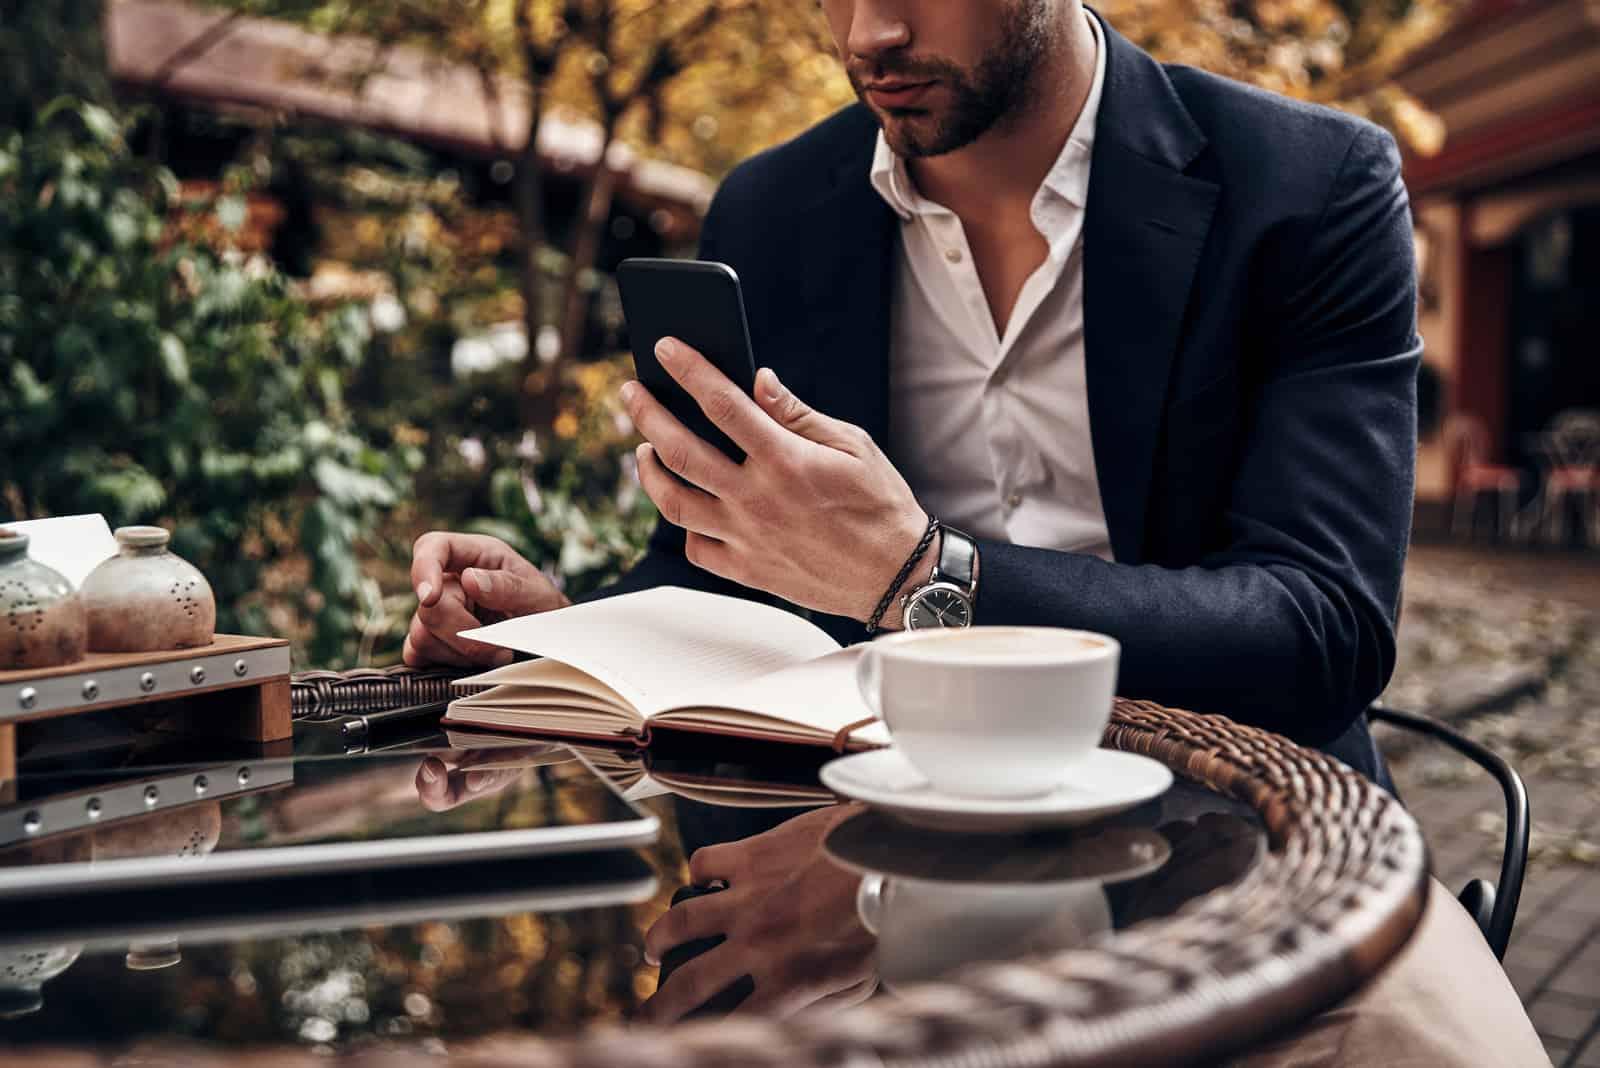 un homme est assis à une table et les touches du téléphone